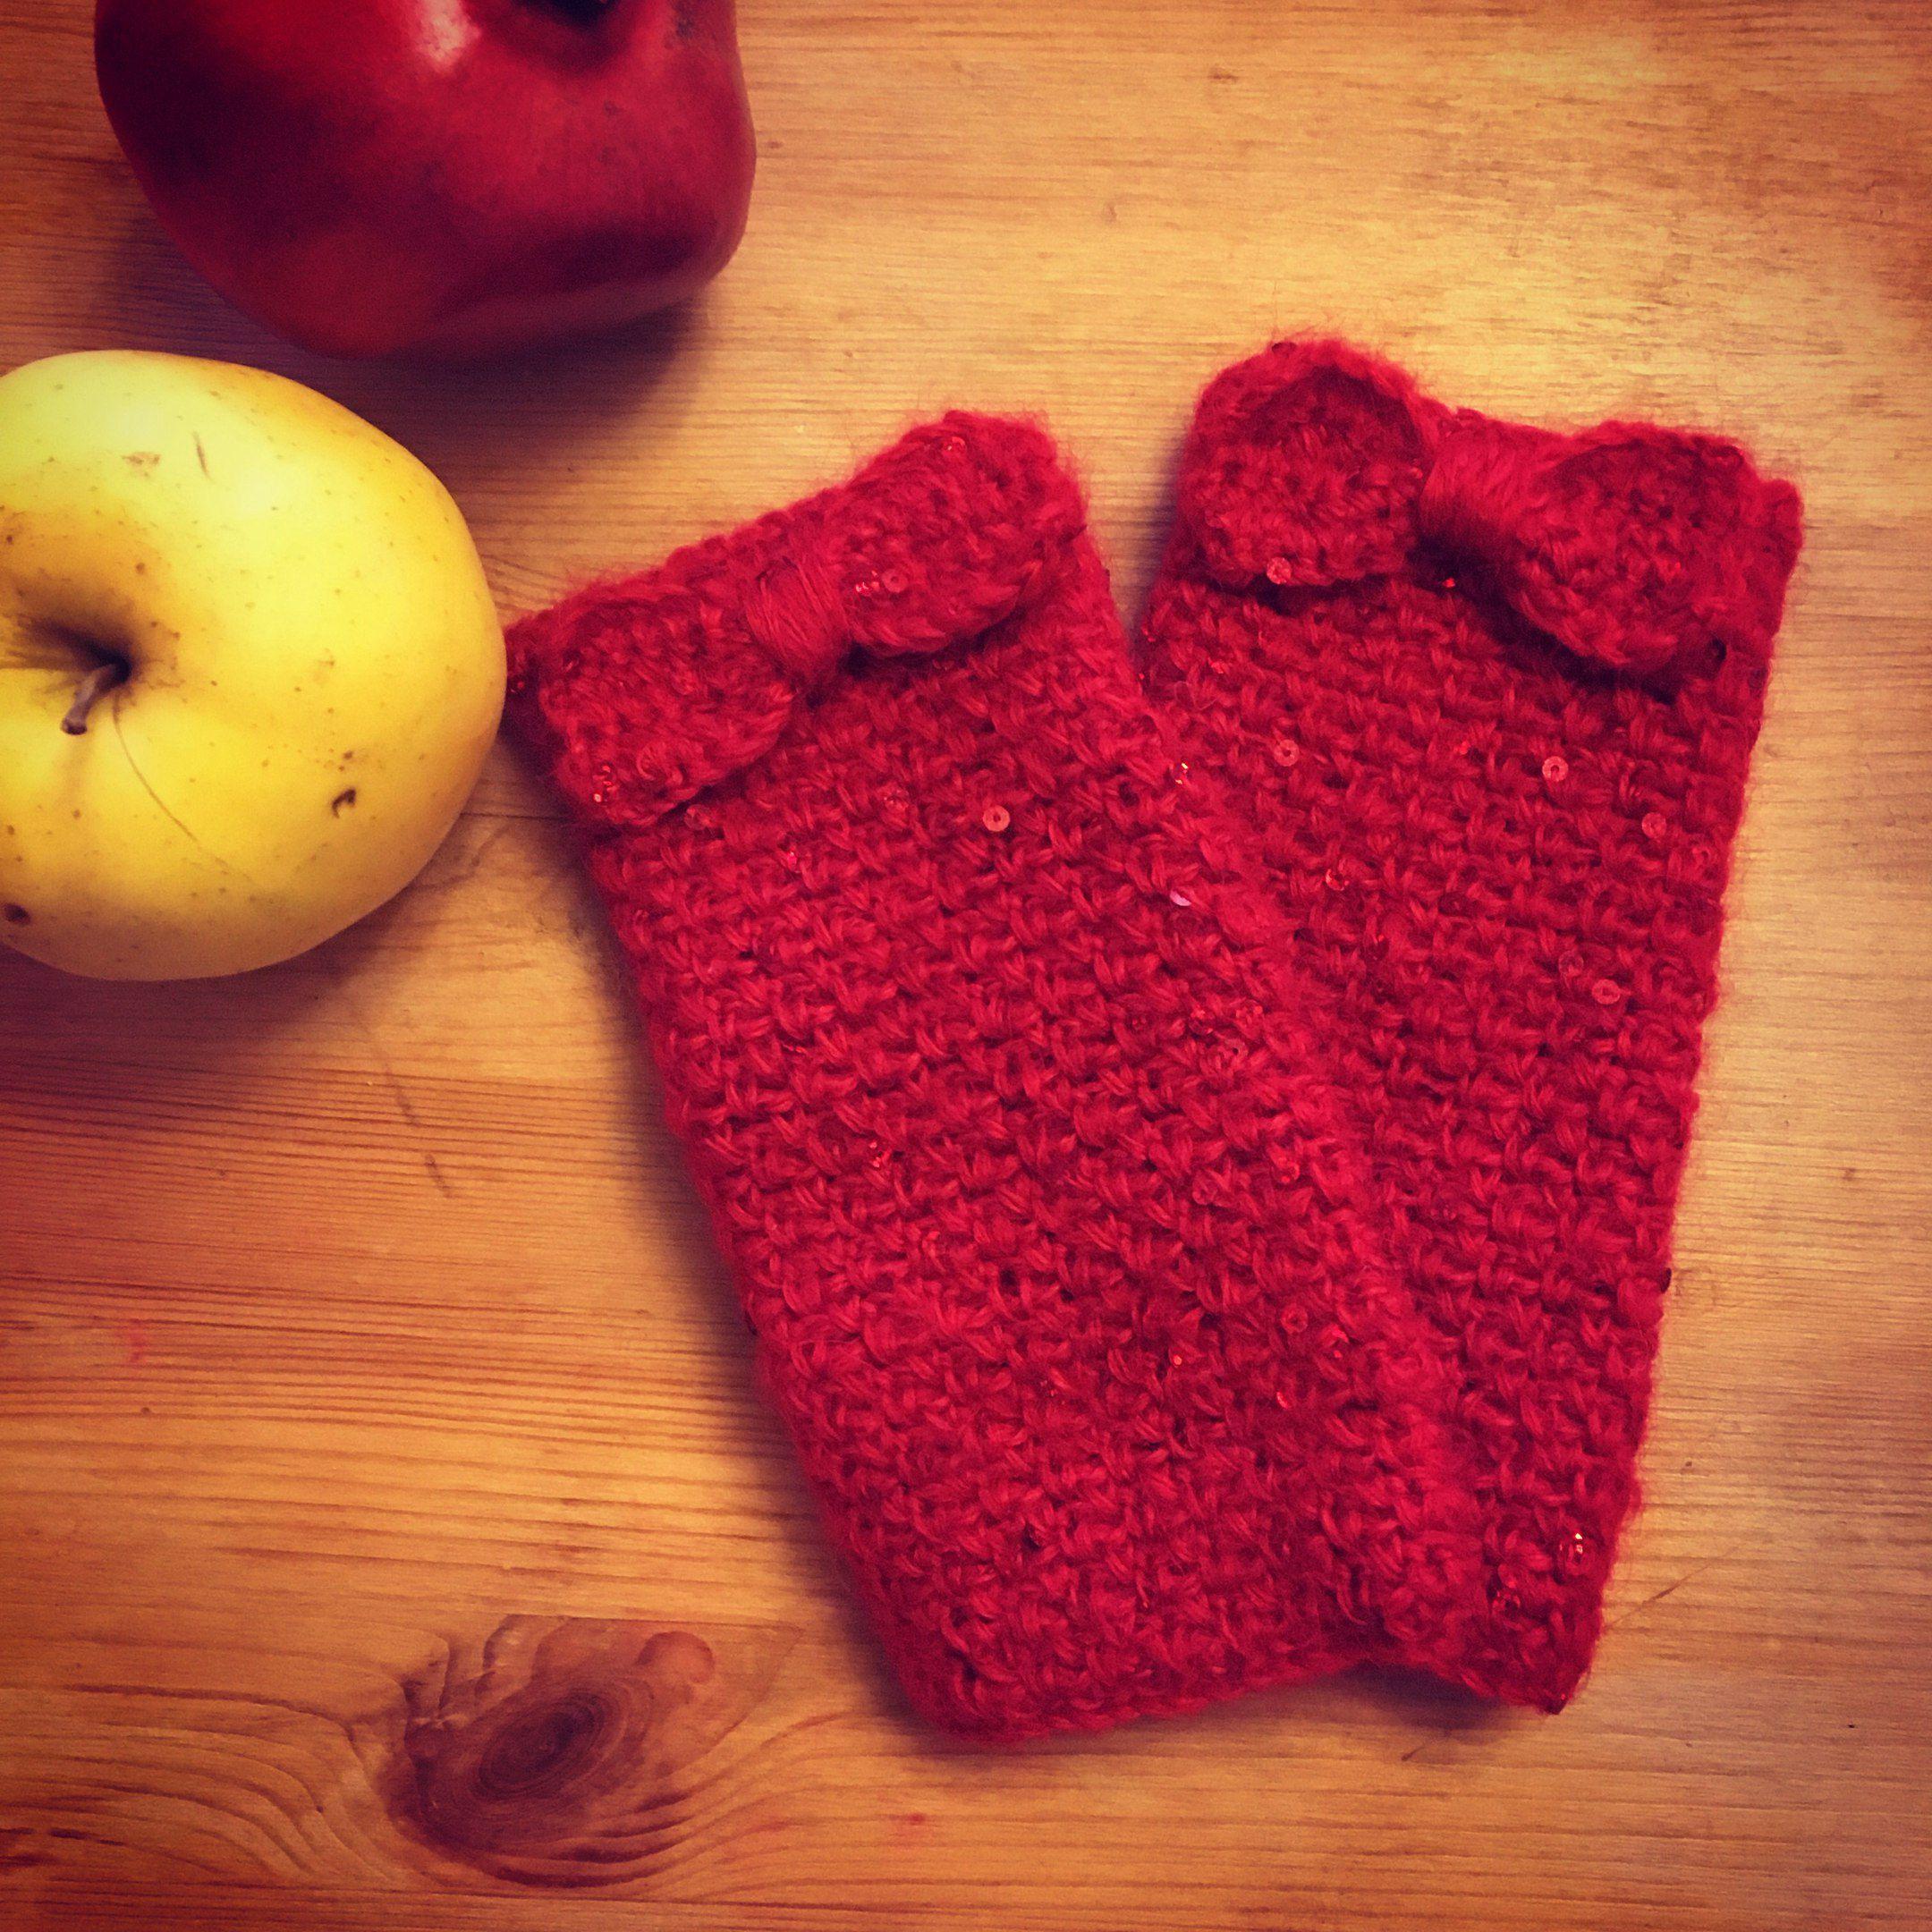 краснодар вязание крючком красный митенки зима бантики